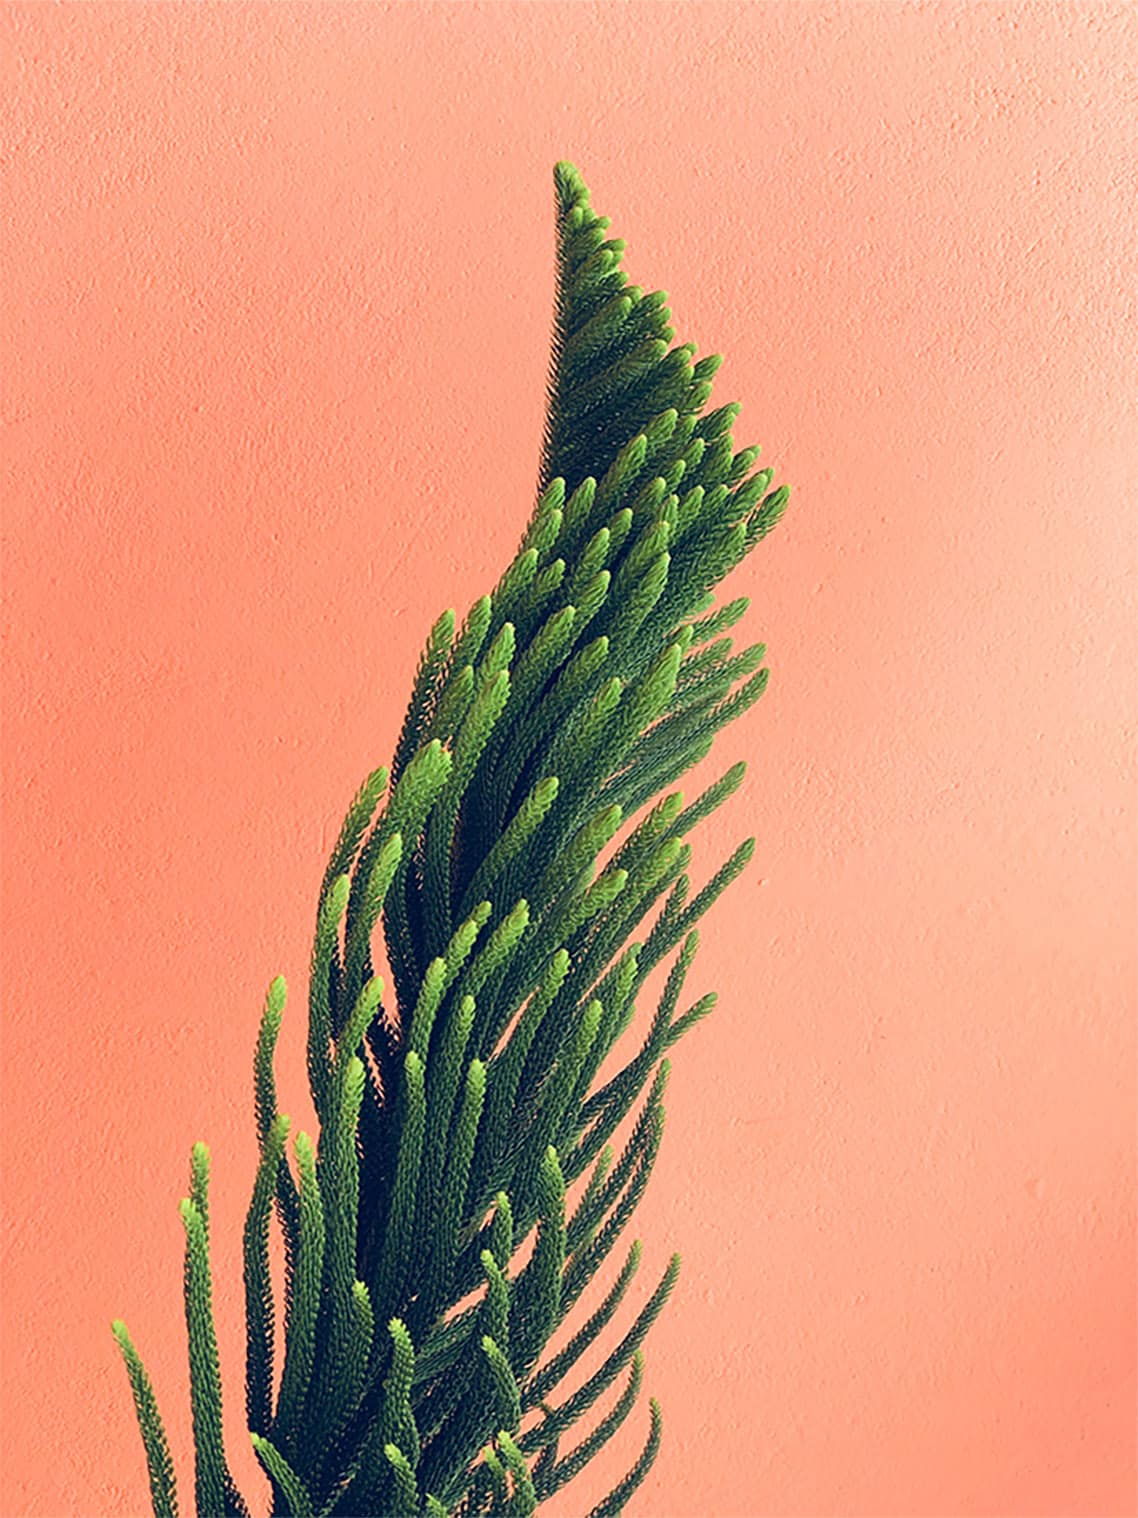 Immergrüne Pflanze vor hellem Hintergrund